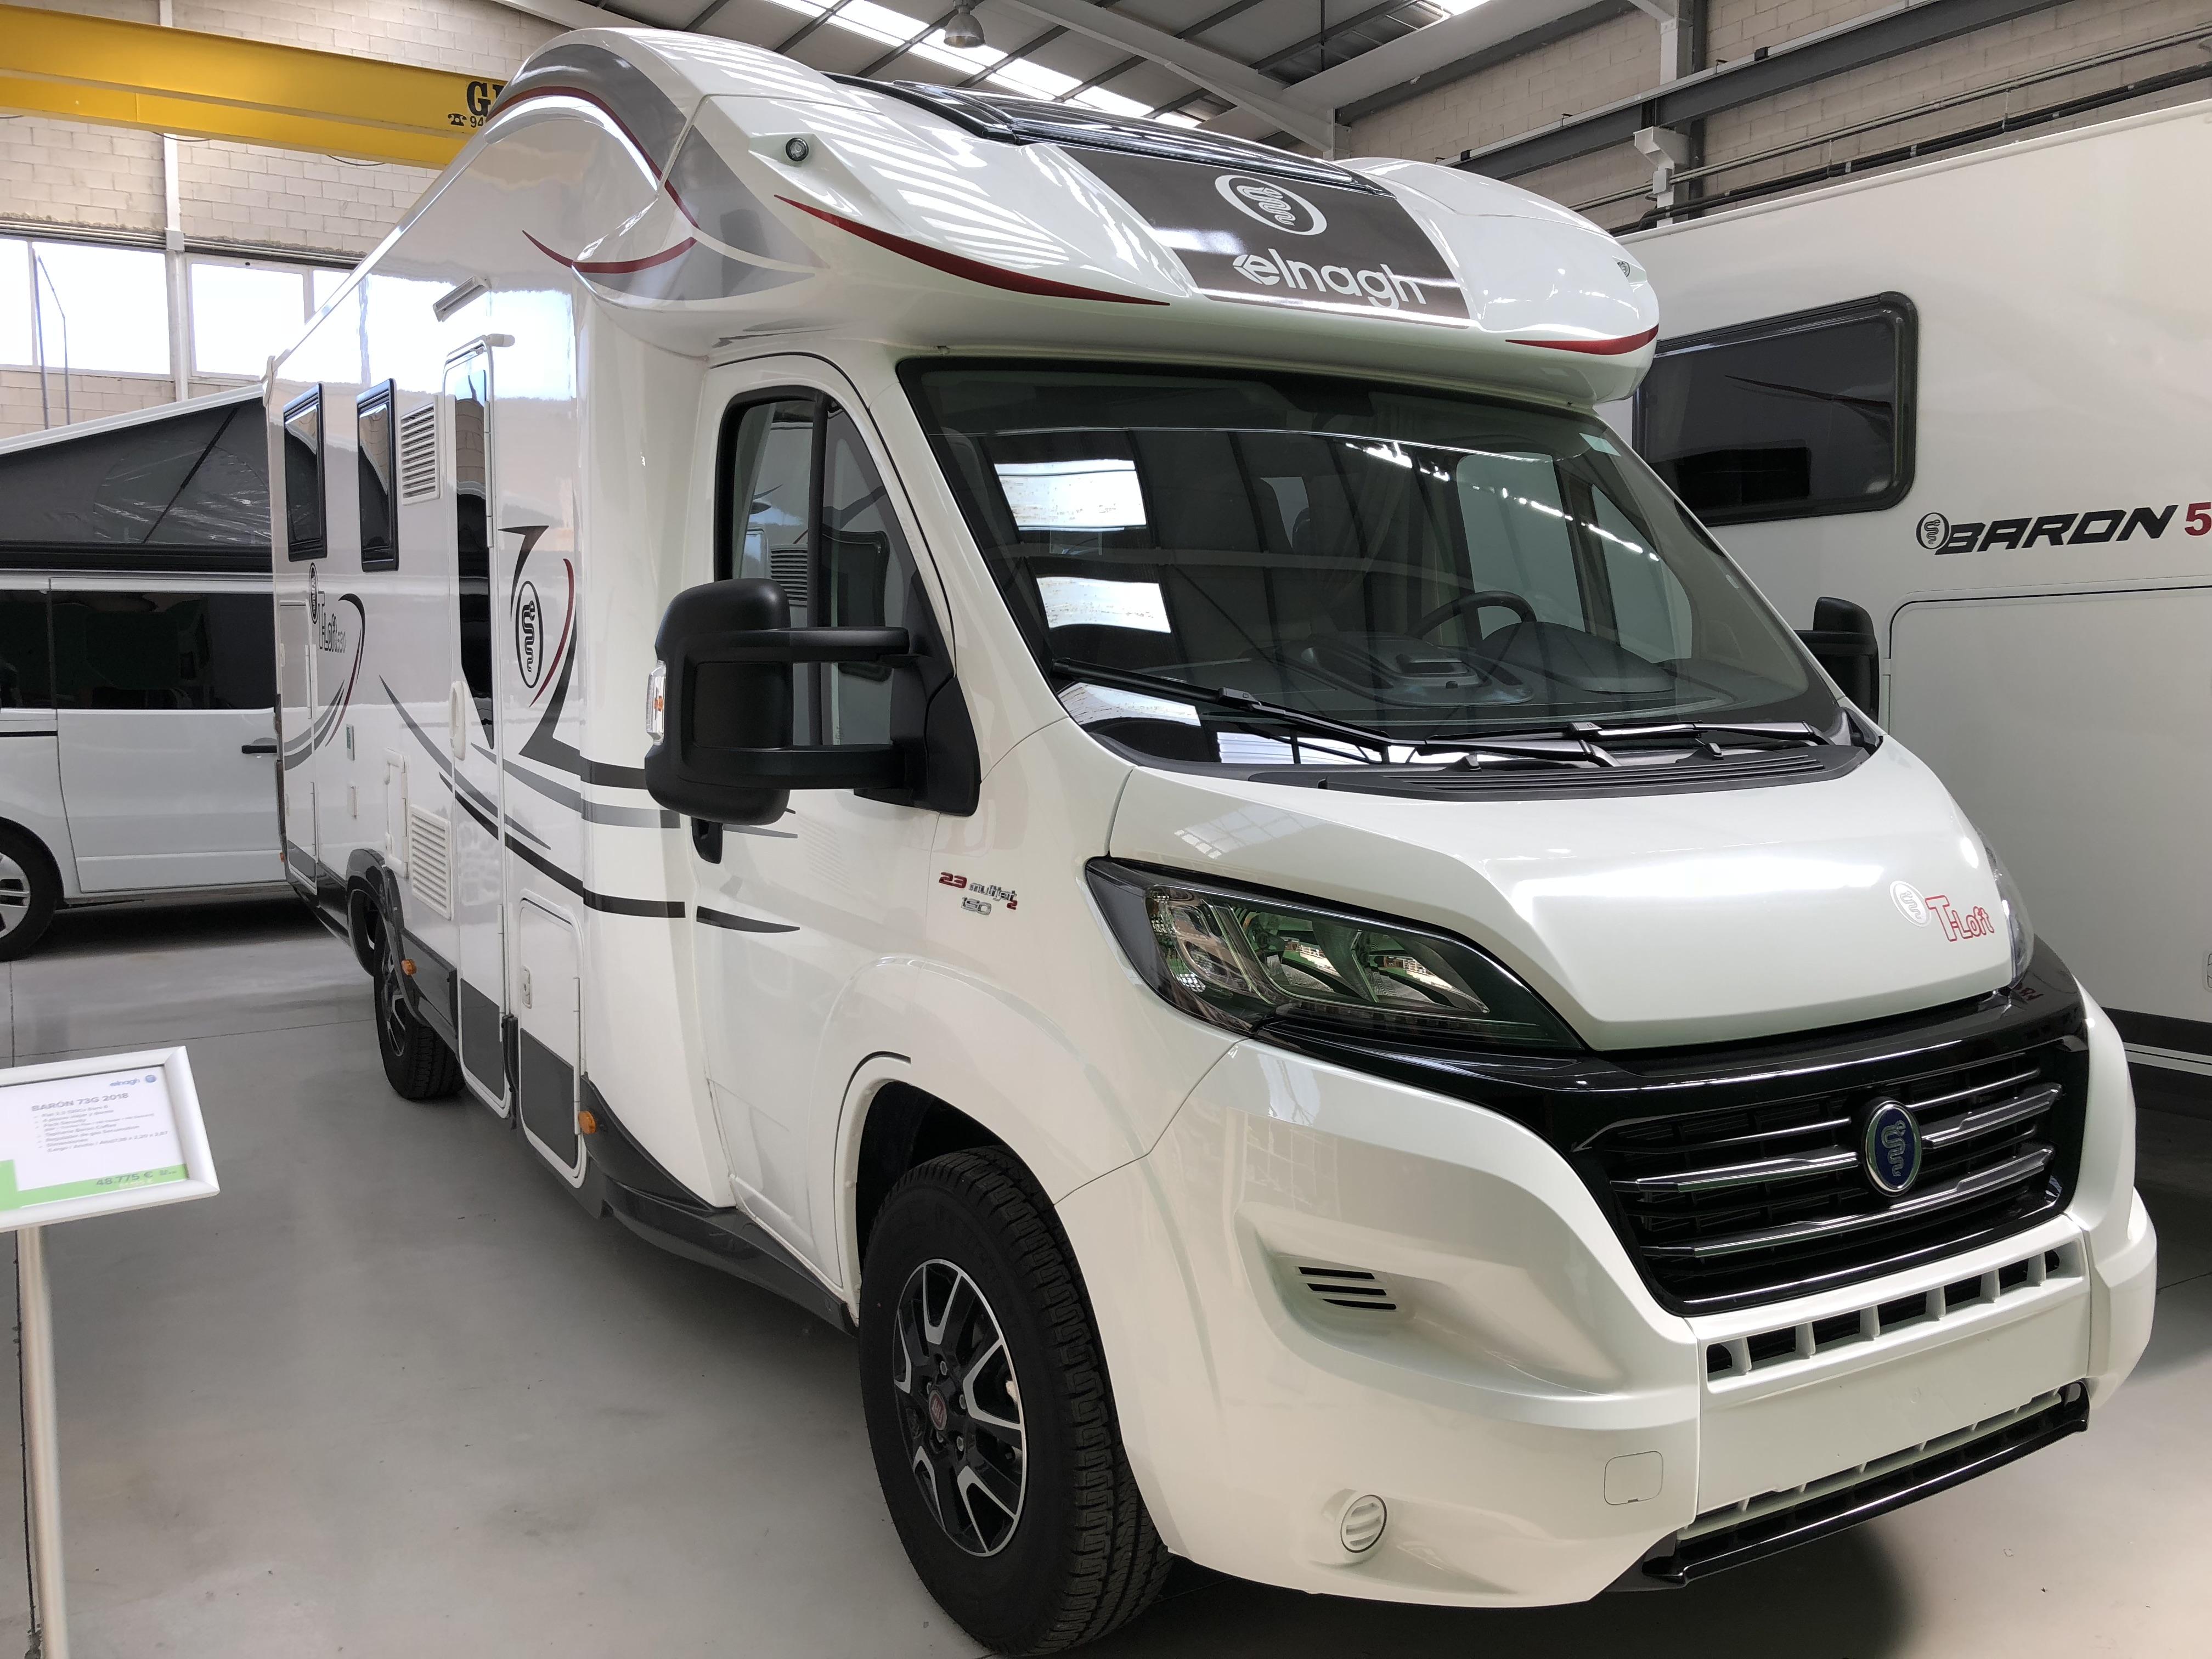 promoción venta autocaravana elnagh barón 530